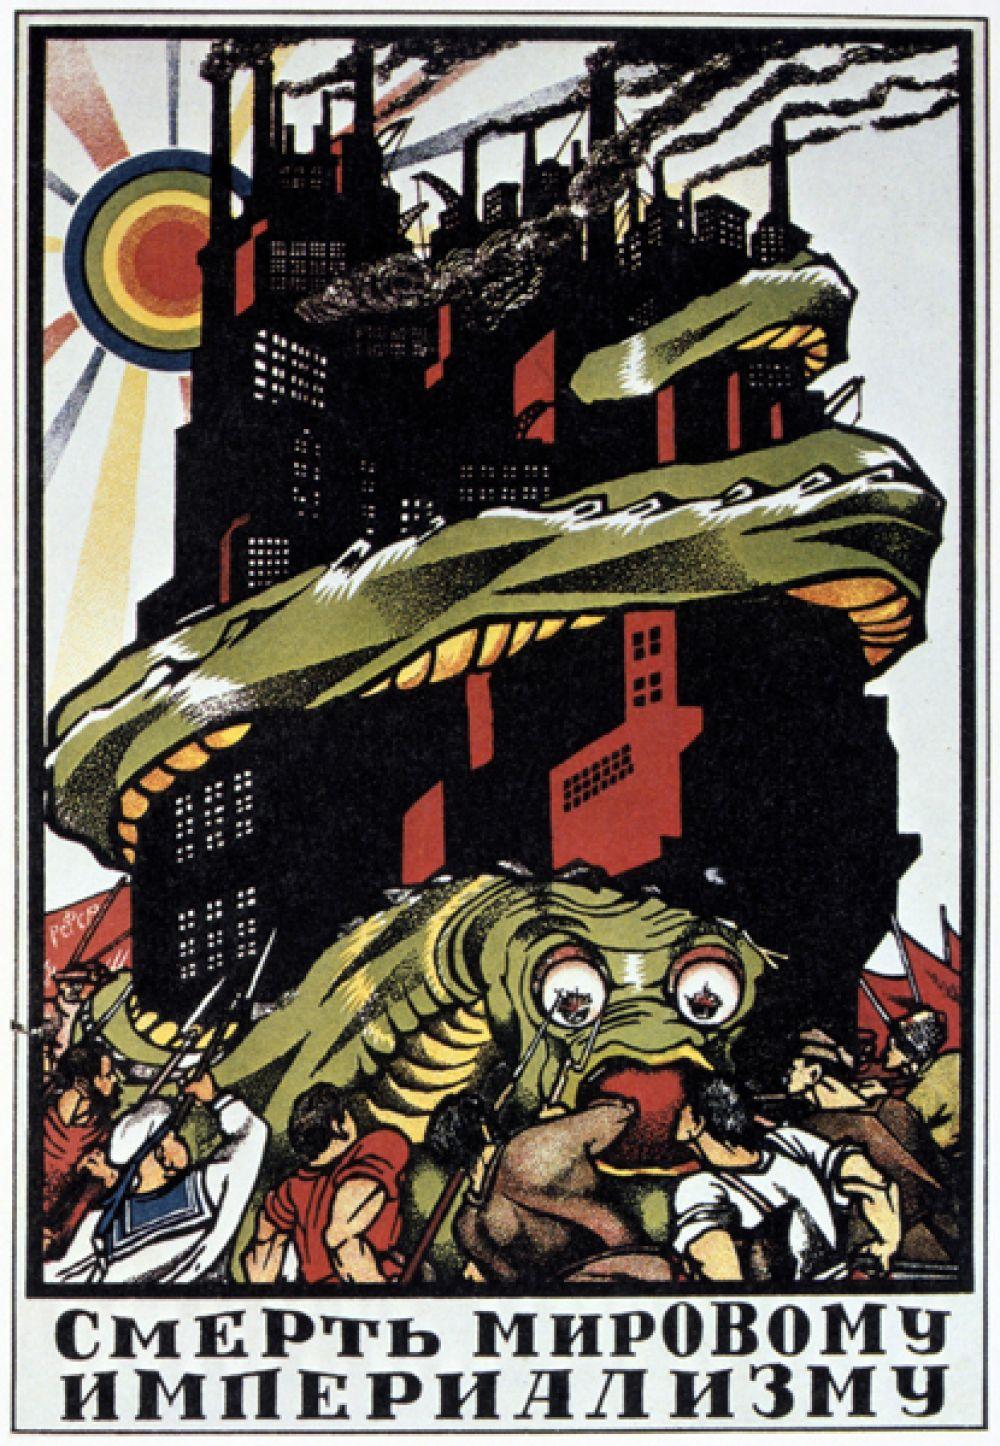 «Смерть мировому империализму», 1919 год.